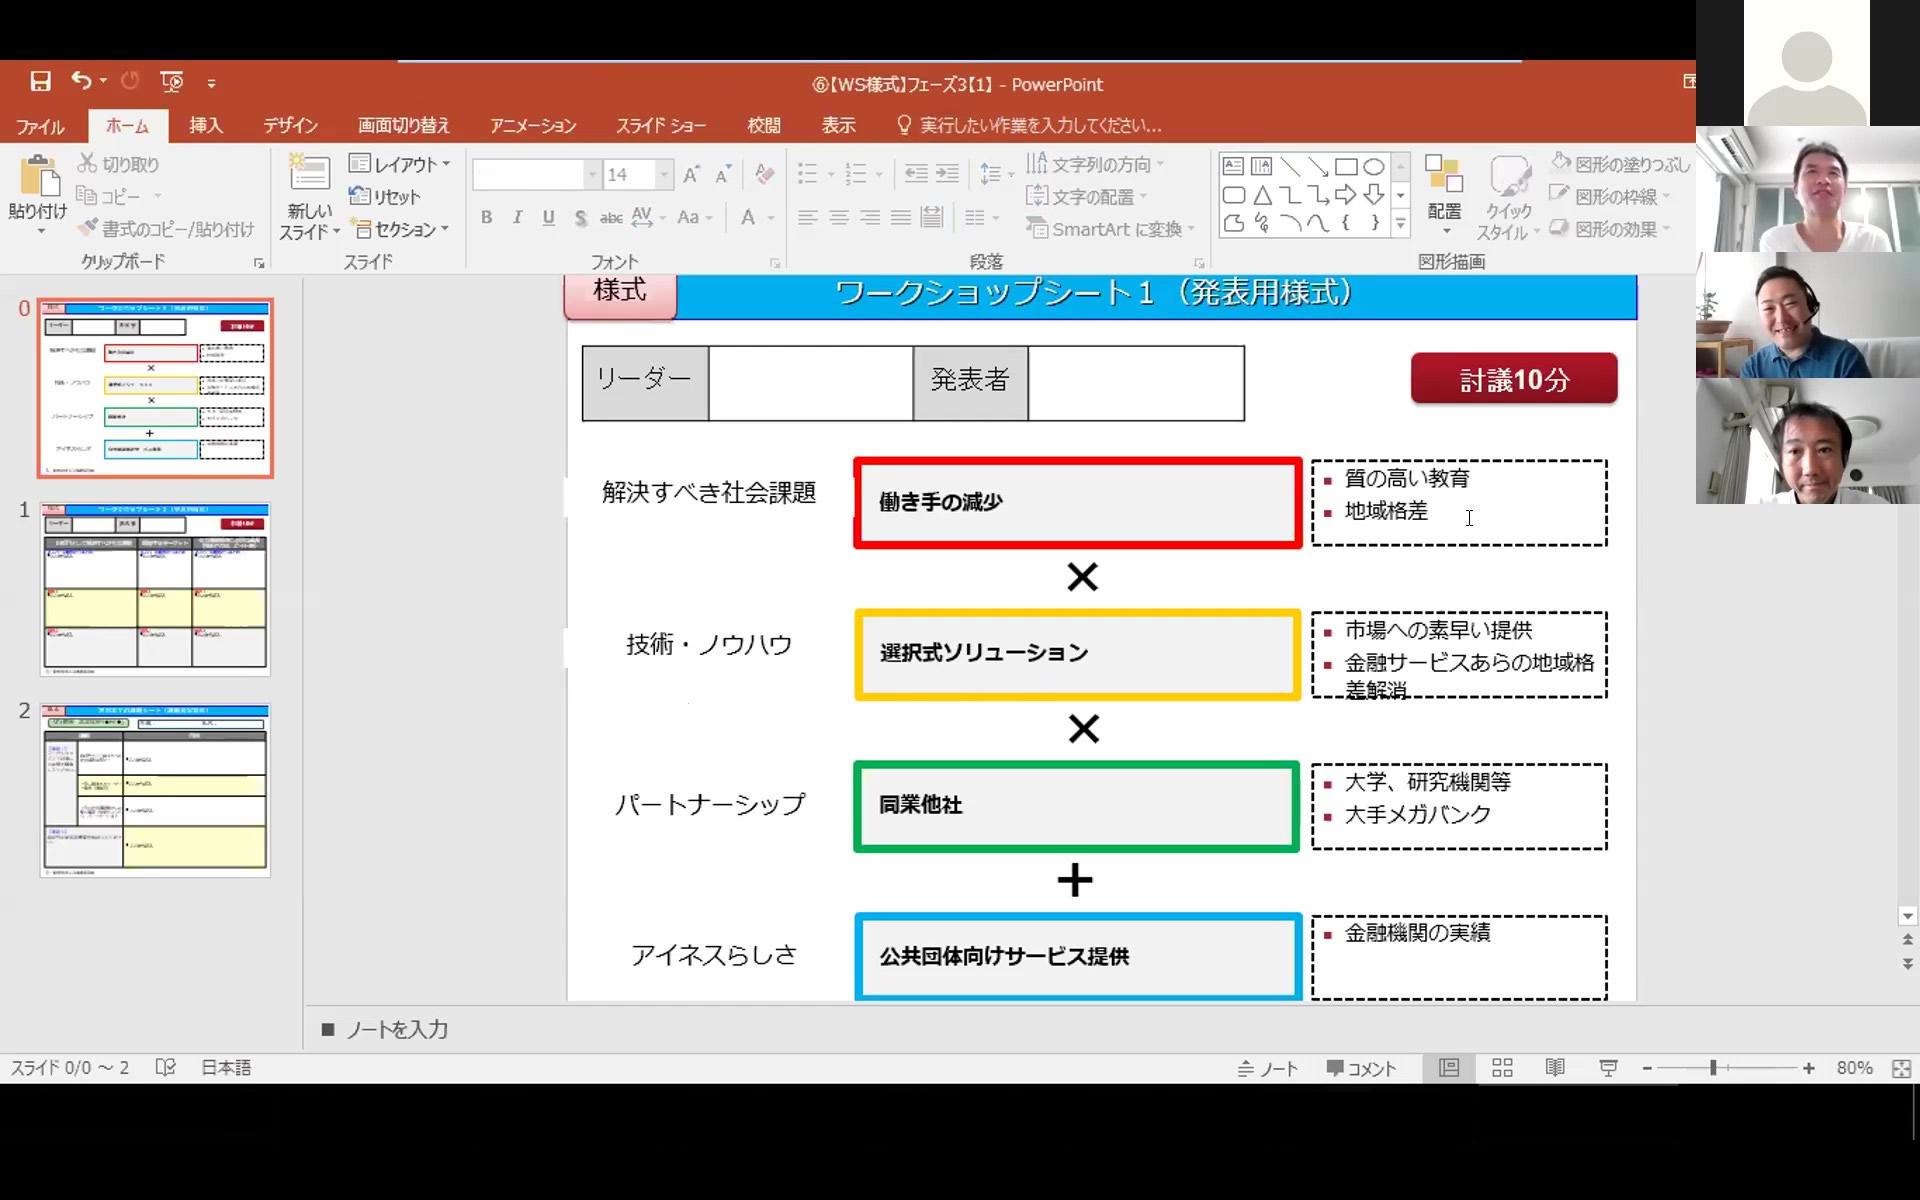 フルリモート式講師派遣型研修のグループワークにおけるZOOMを使ったPC画面。この内容を参参加者全員で共有し意見を出し合いながら進める。